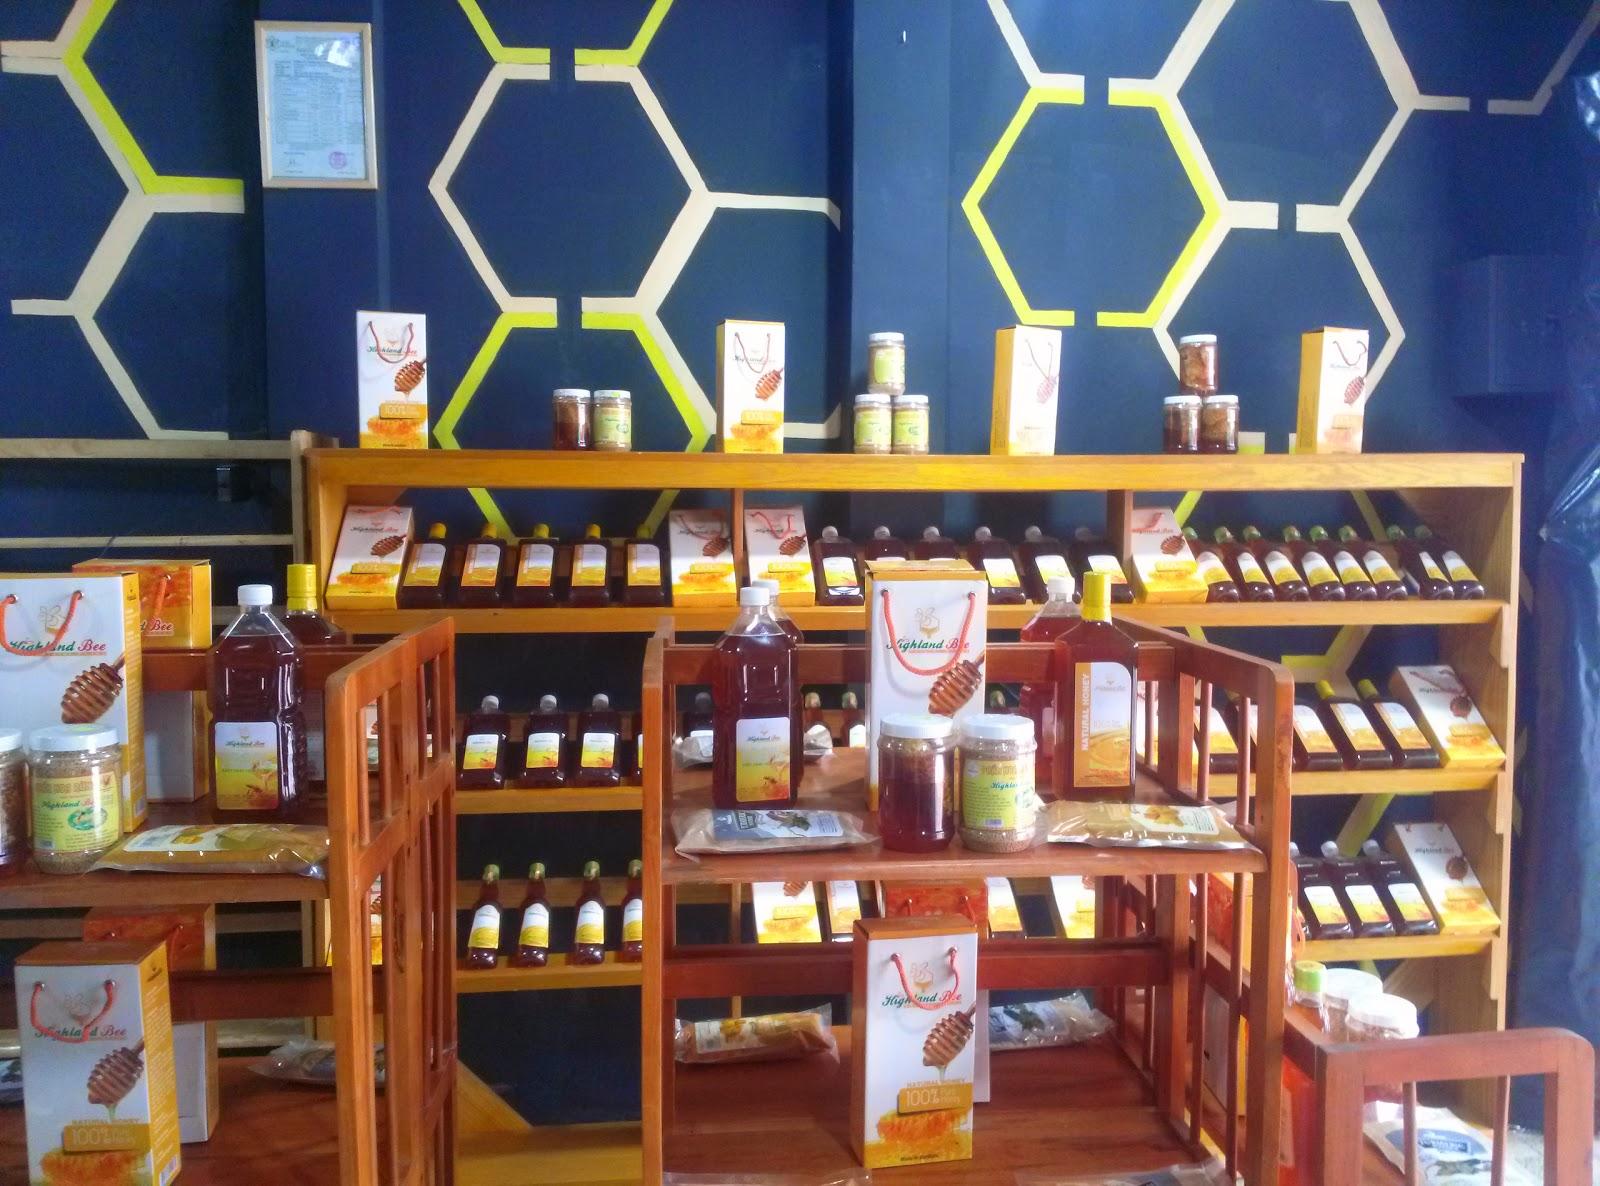 Cửa hàng bán mật ong bạc hà ở Bình Dương